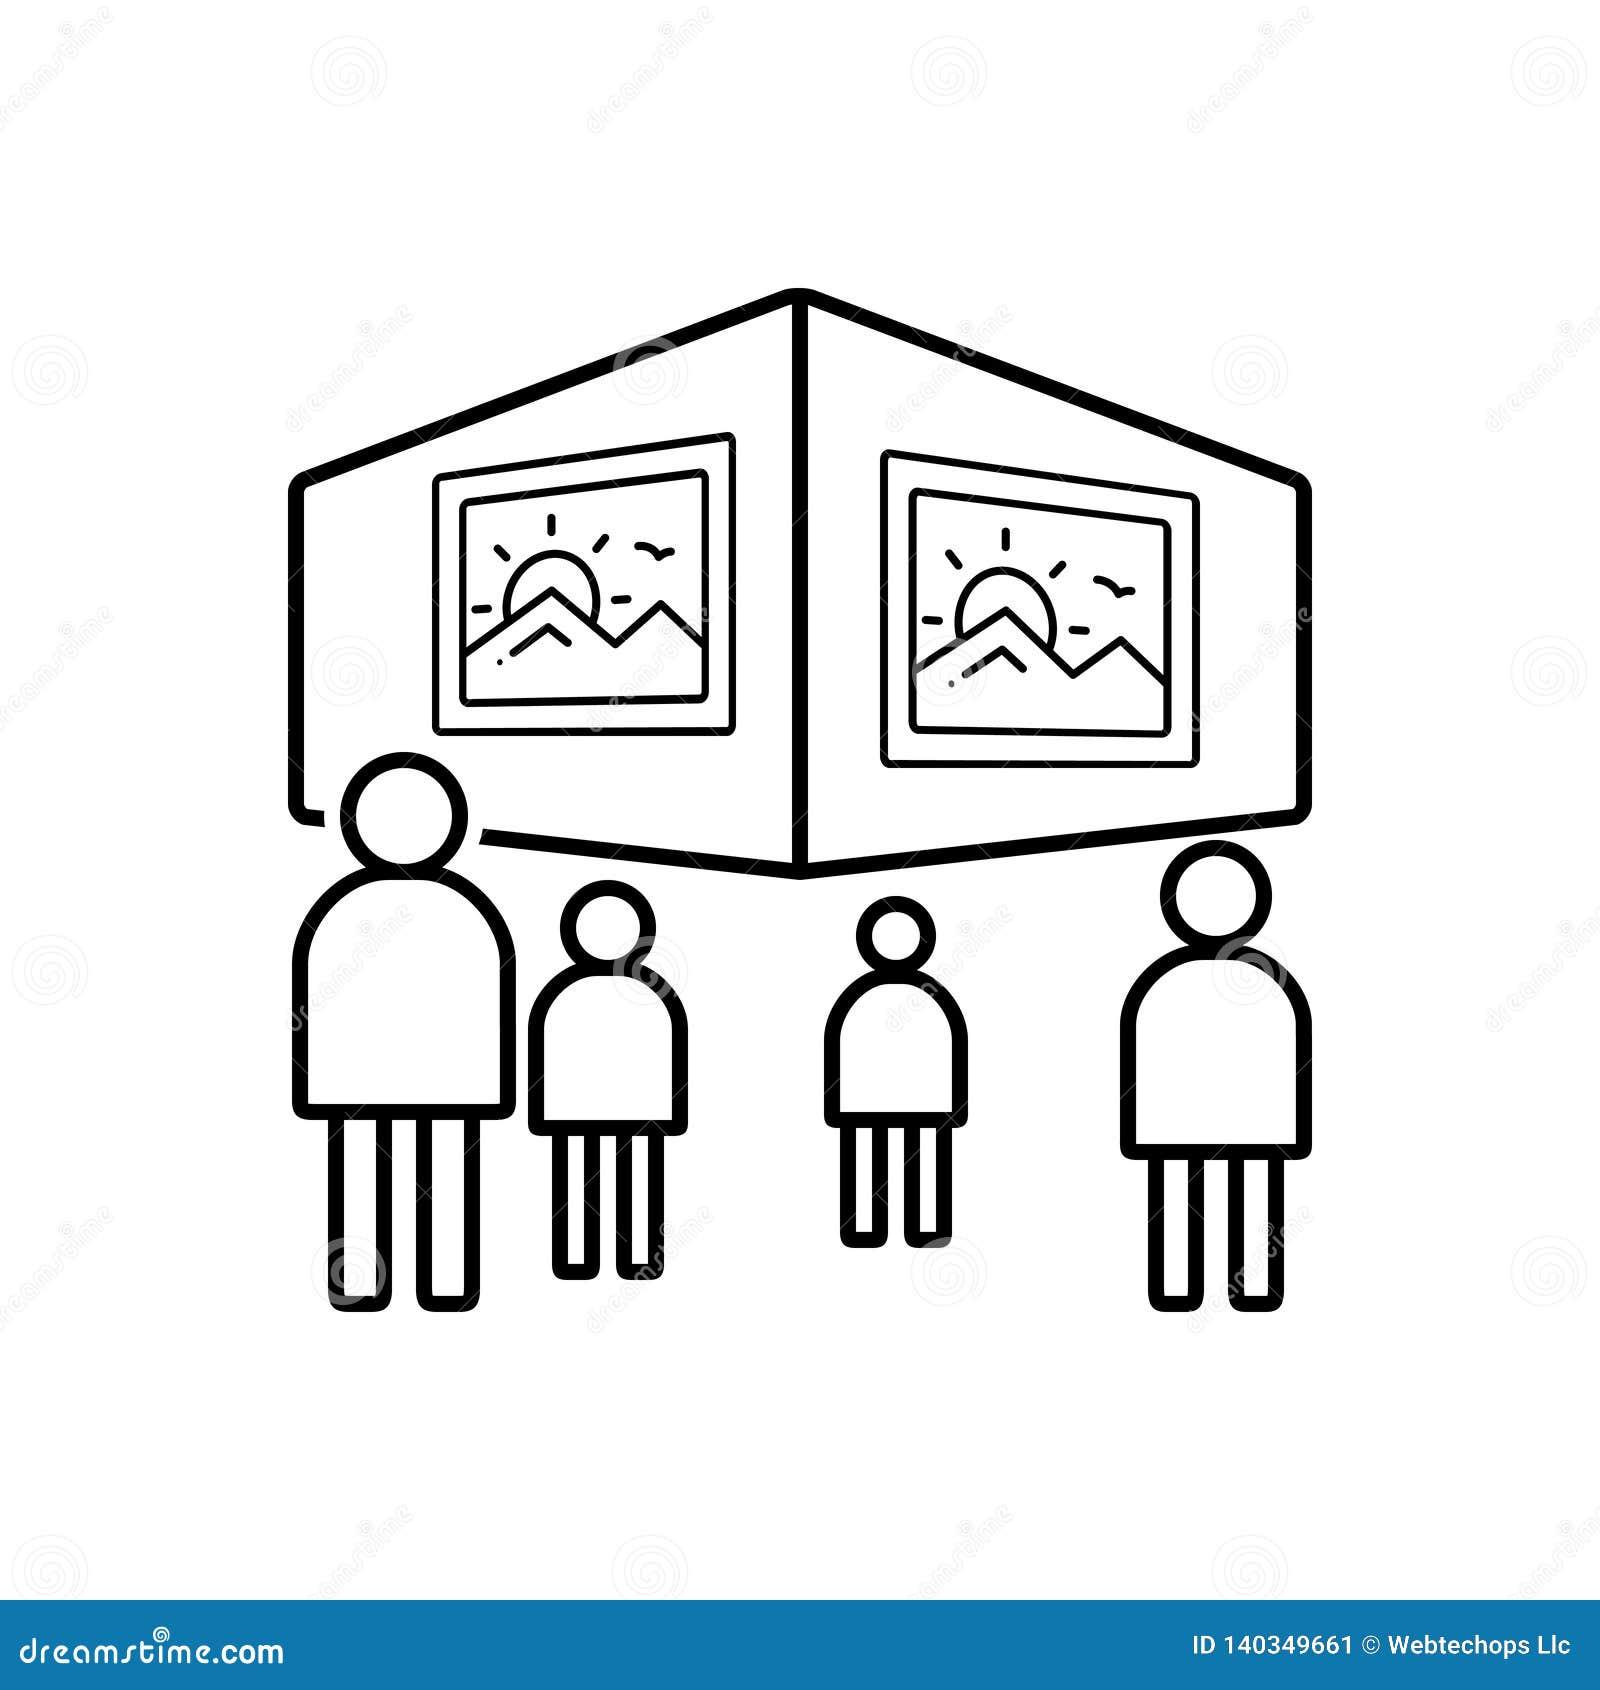 Schwarze Linie Ikone für Betrachtung, sehen und Malerei